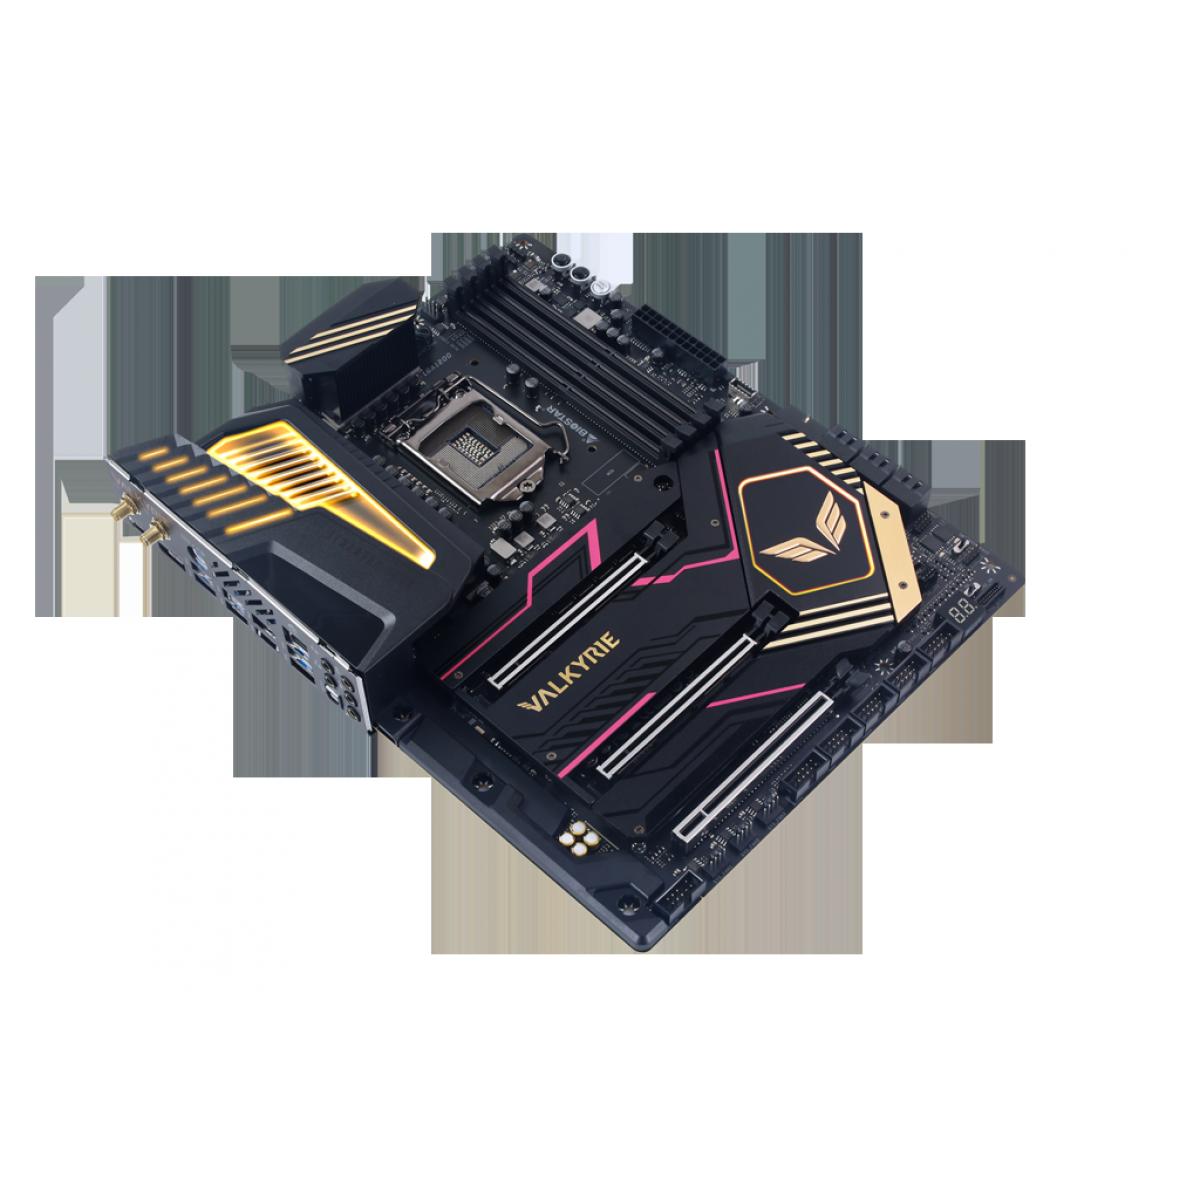 Placa Mãe BIOSTAR Z590 Valkyrie Ver. 5.0, Chipset Intel Z590, Socket 1200, ATX, DDR4